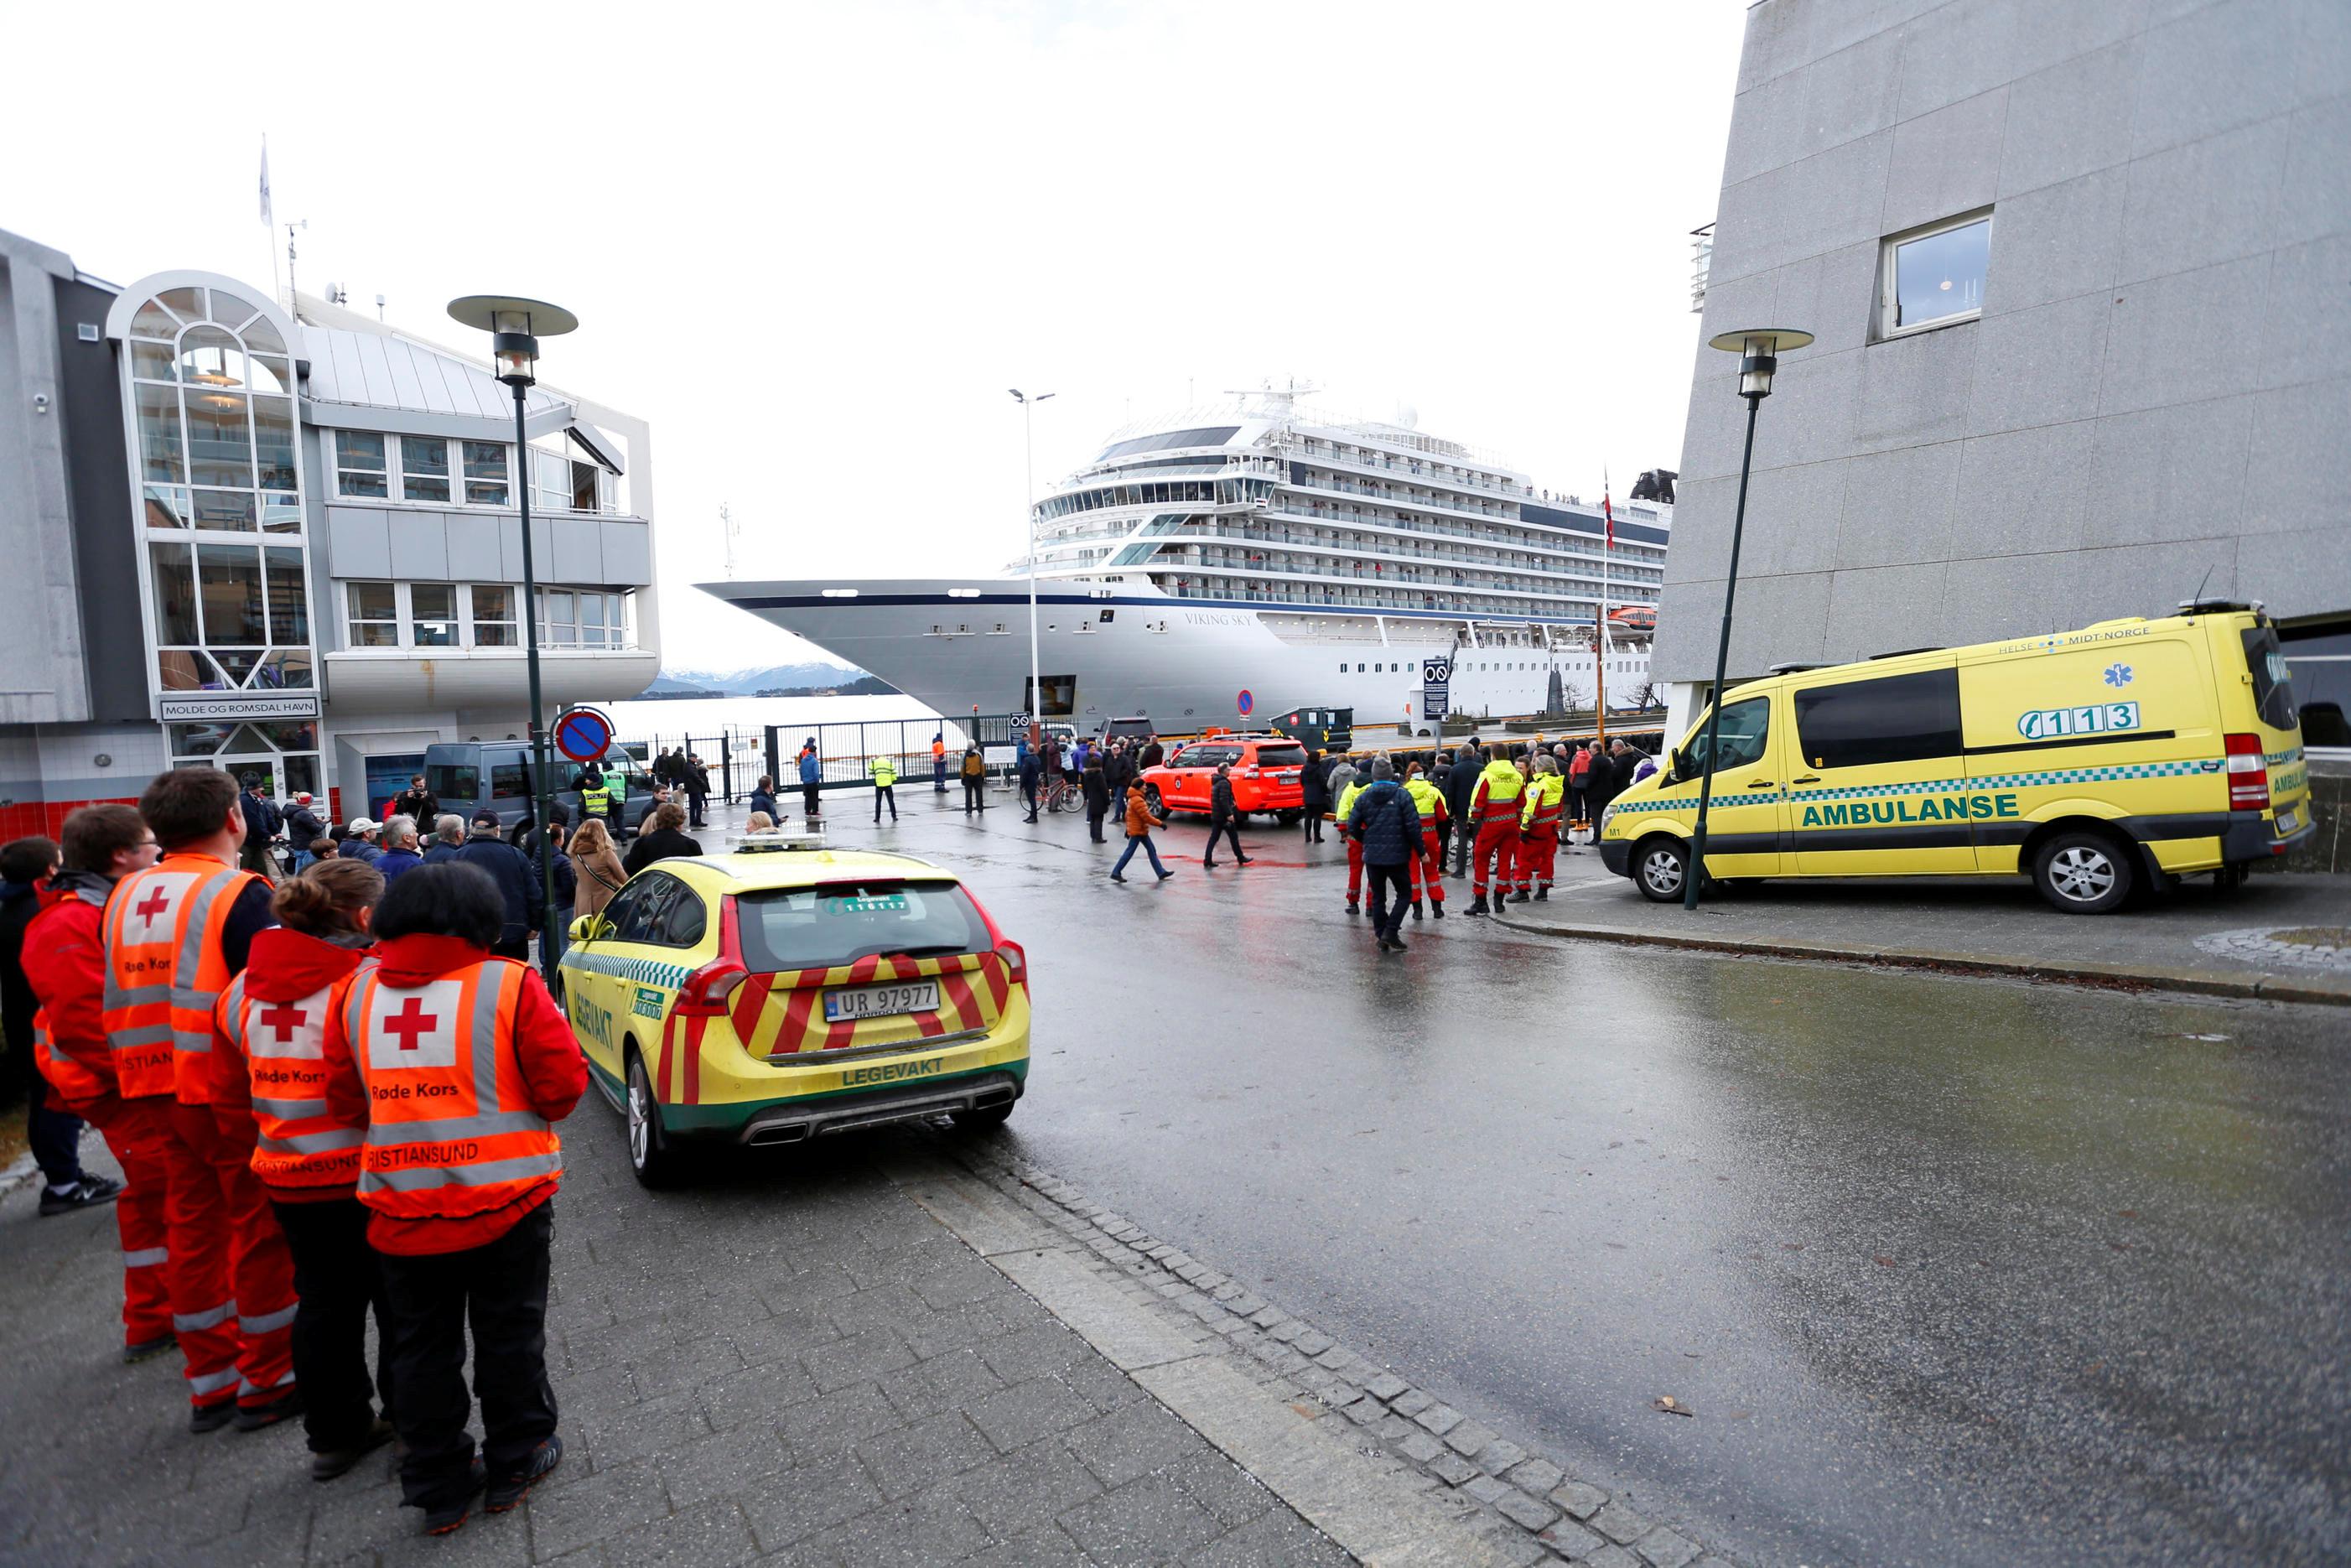 Após resgate, navio de cruzeiro à deriva na Noruega chega a porto